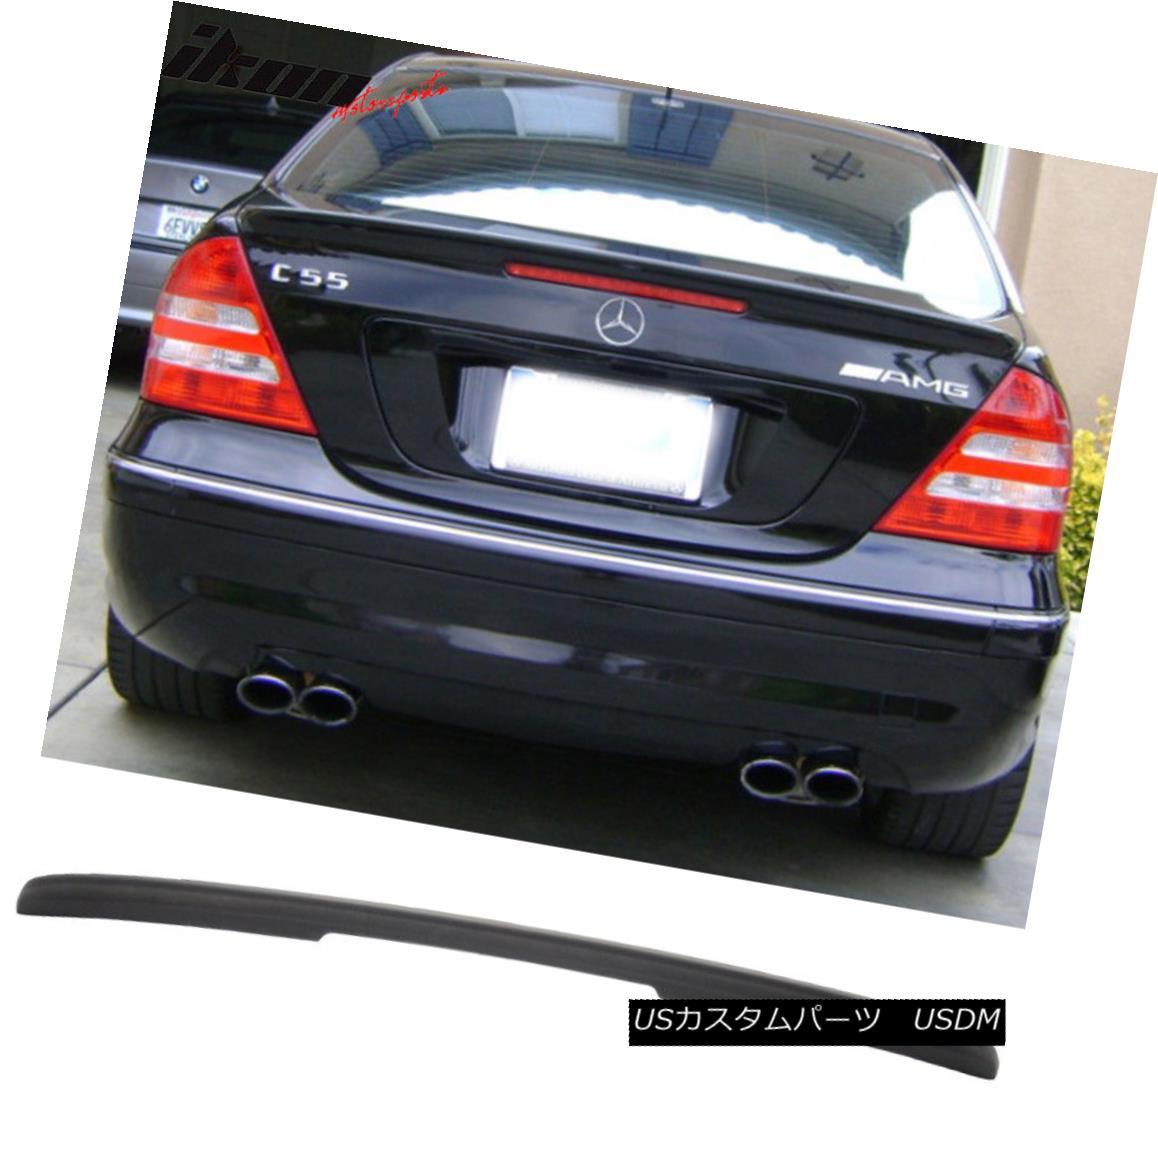 エアロパーツ 01-07 Benz C-Class W203 Sedan 4Dr ABS AMG Style Trunk Spoiler - Matte Black 01-07ベンツCクラスW203セダン4Dr ABS AMGスタイルトランクスポイラー - マットブラック